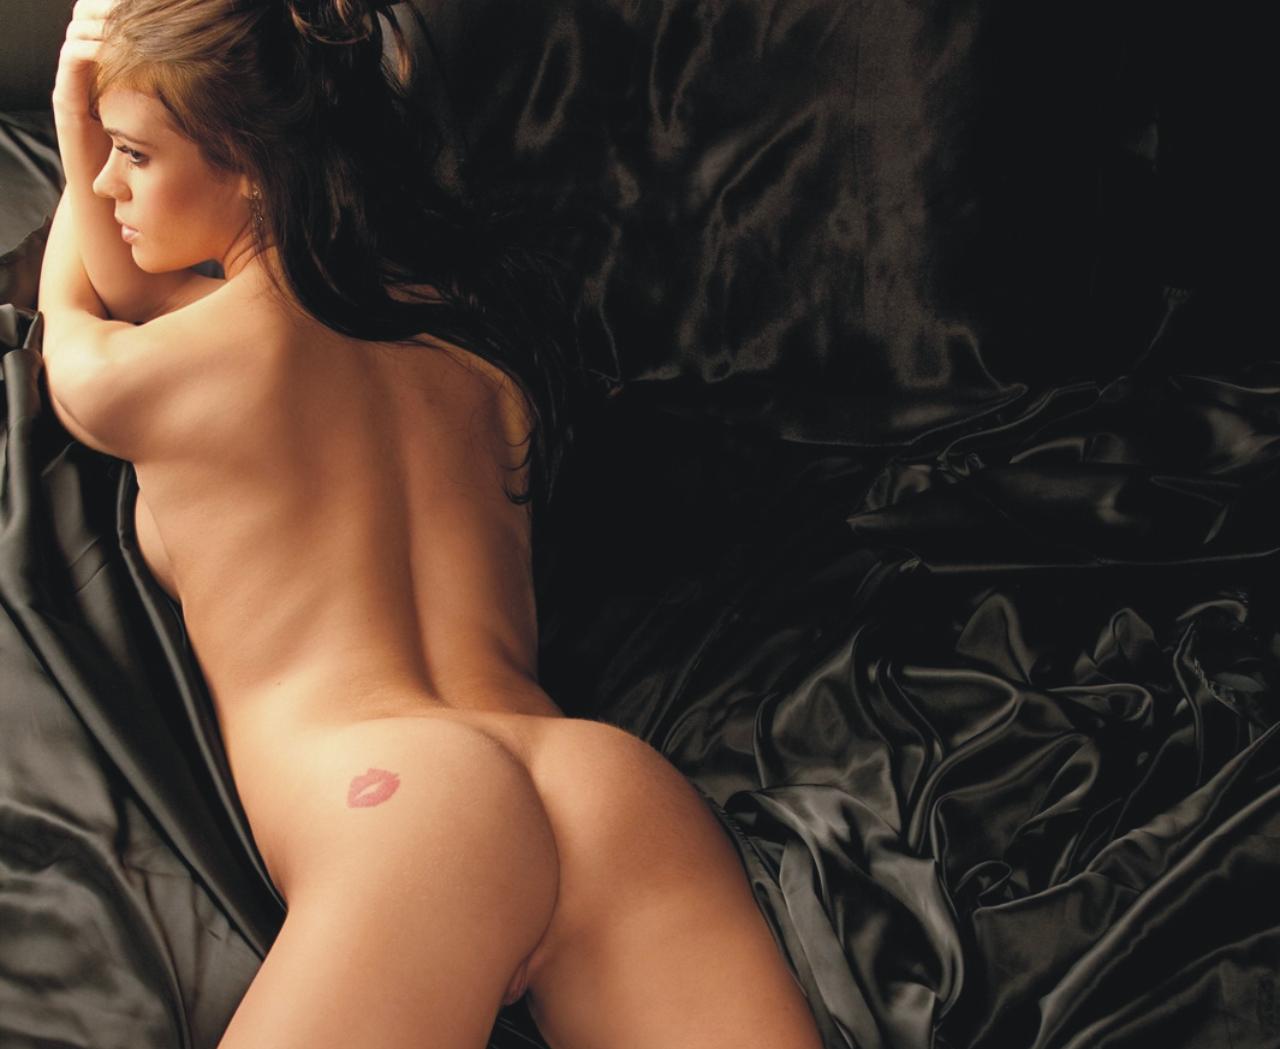 Эро фото певицы элизе, Голая Ализе Голые знаменитости 2 фотография